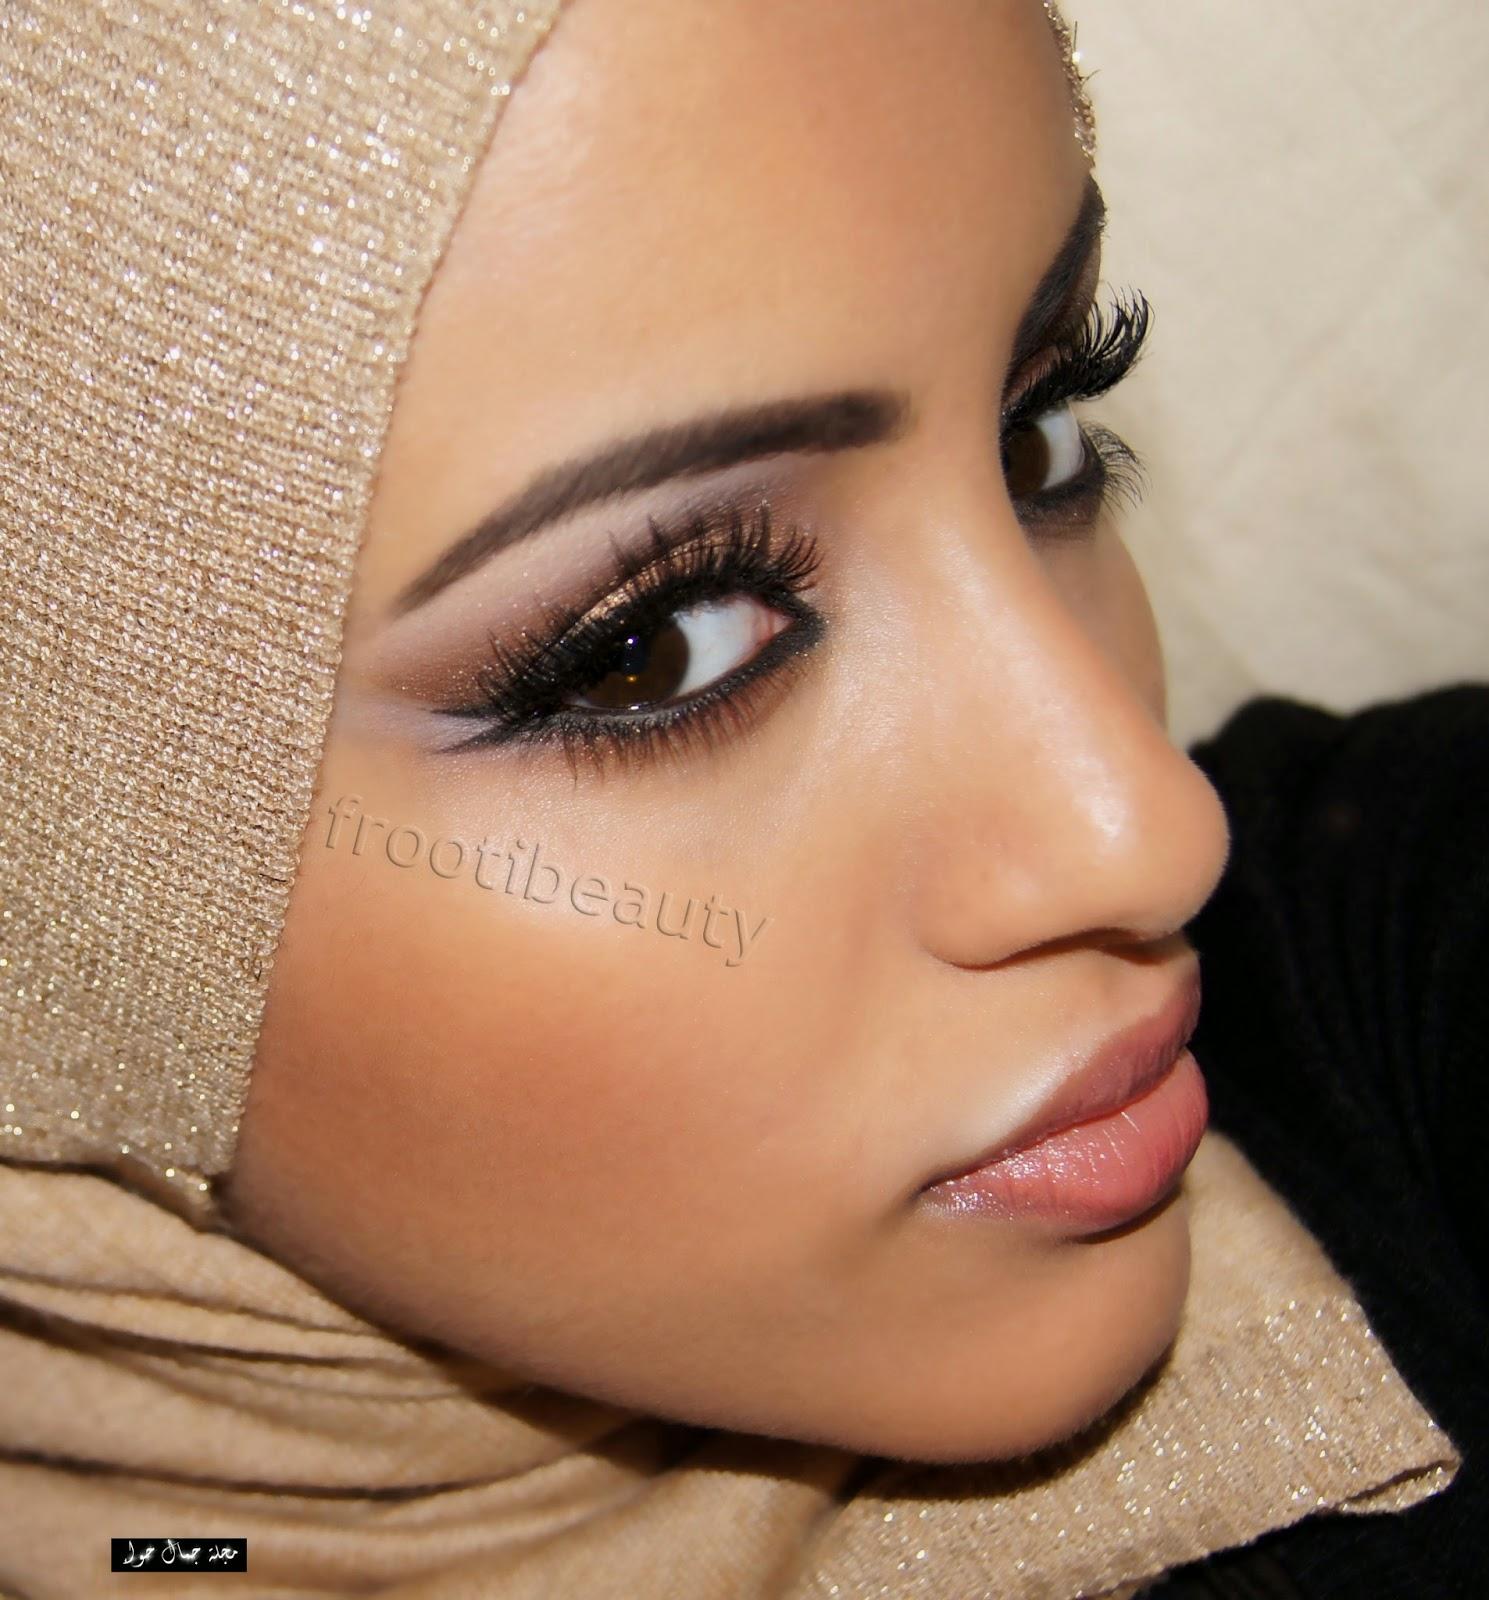 لون الحجاب المناسب - لون الحجاب - لون الحجاب المناسب للبشرة السمراء - لون الحجاب المناسب للبشرة الحنطية - لون الحجاب المناسب للبشرة البيضاء - لون الحجاب المناسب للبشرة الخمرية - لون الحجاب المناسب للبشرة القمحية - لون الحجاب المناسب للون البشرة - كيف تختارين لون الحجاب المناسب لبشرتك - لون الحجاب المناسب للون البشرة